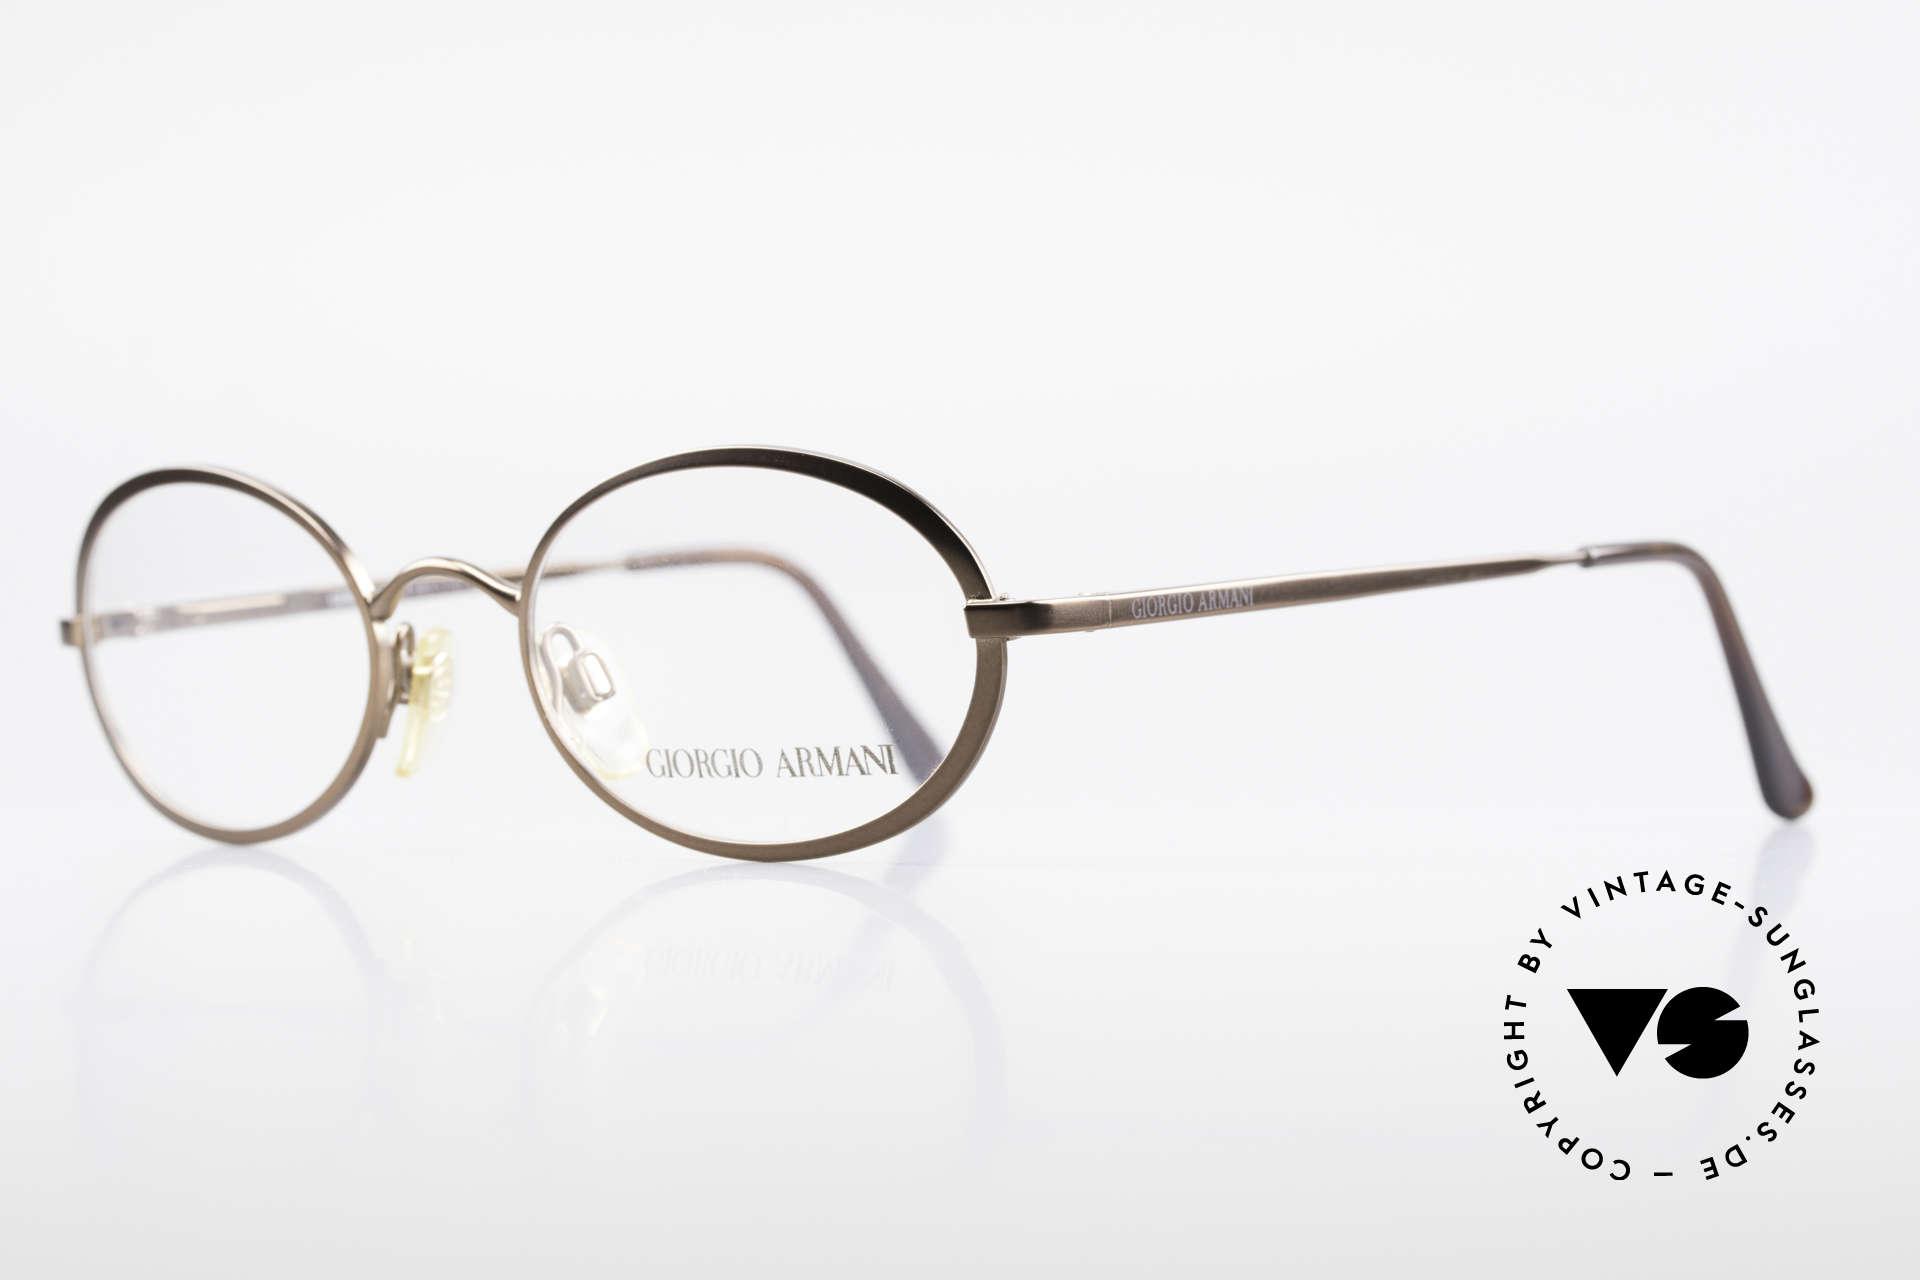 Giorgio Armani 277 90er Vintage Fassung Oval, bronze/braune Lackierung & flexible Federscharniere, Passend für Herren und Damen